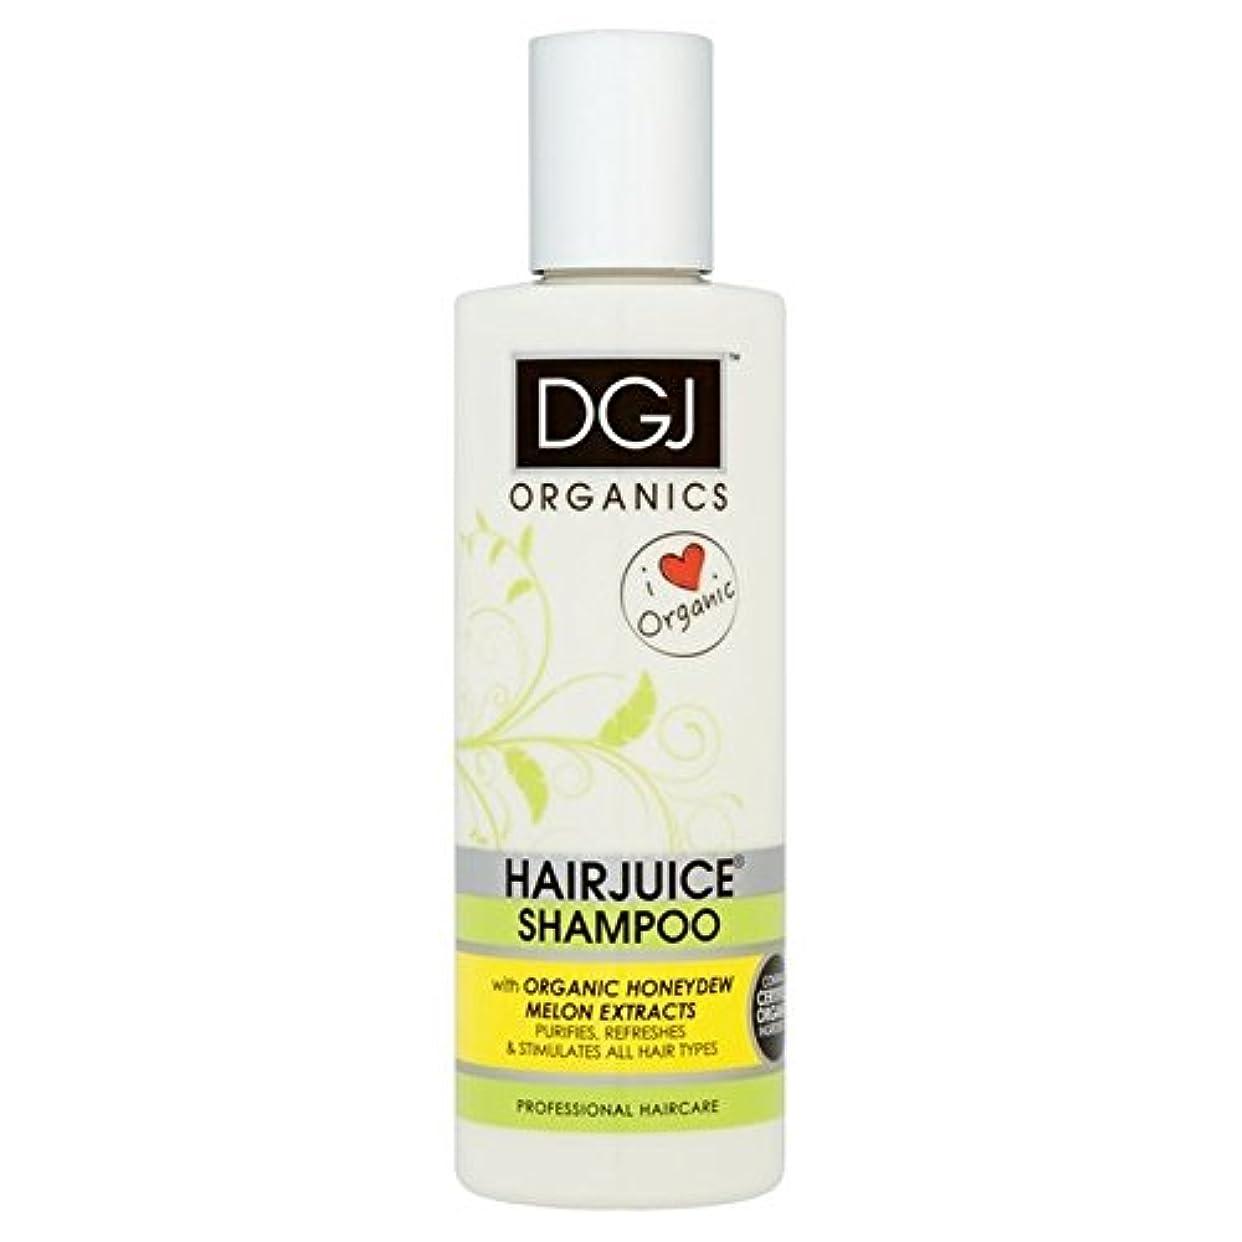 スクラップ中にエミュレーション有機メロンシャンプー250 x2 - DGJ Organic Hairjuice Melon Shampoo 250ml (Pack of 2) [並行輸入品]